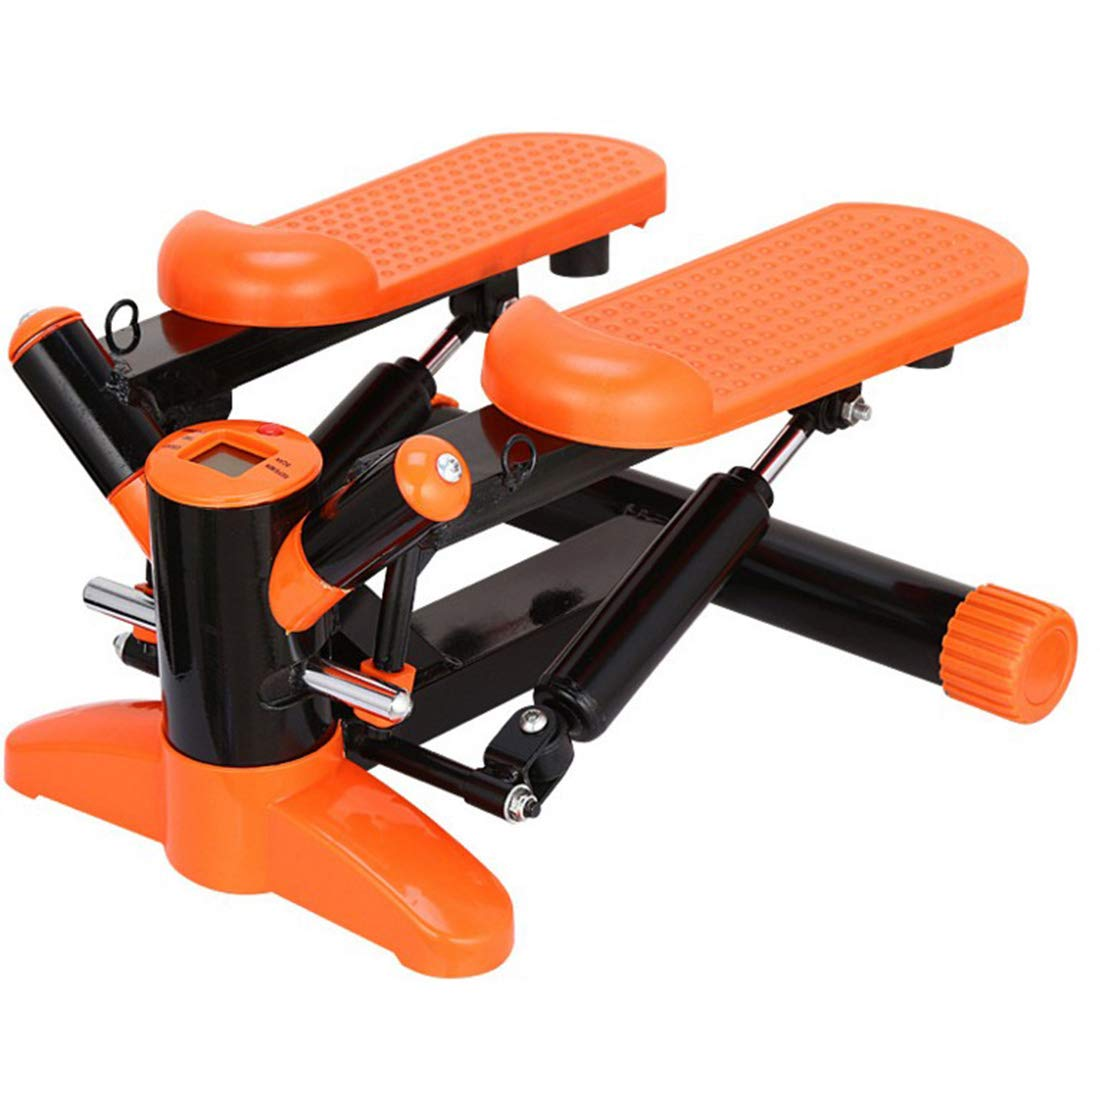 影寳服装店 スイングステップマシン、フィットネス機器、多機能ベルトロープ減量運動マシン、オレンジ (Color : オレンジ)  オレンジ B07QCR9D8Y